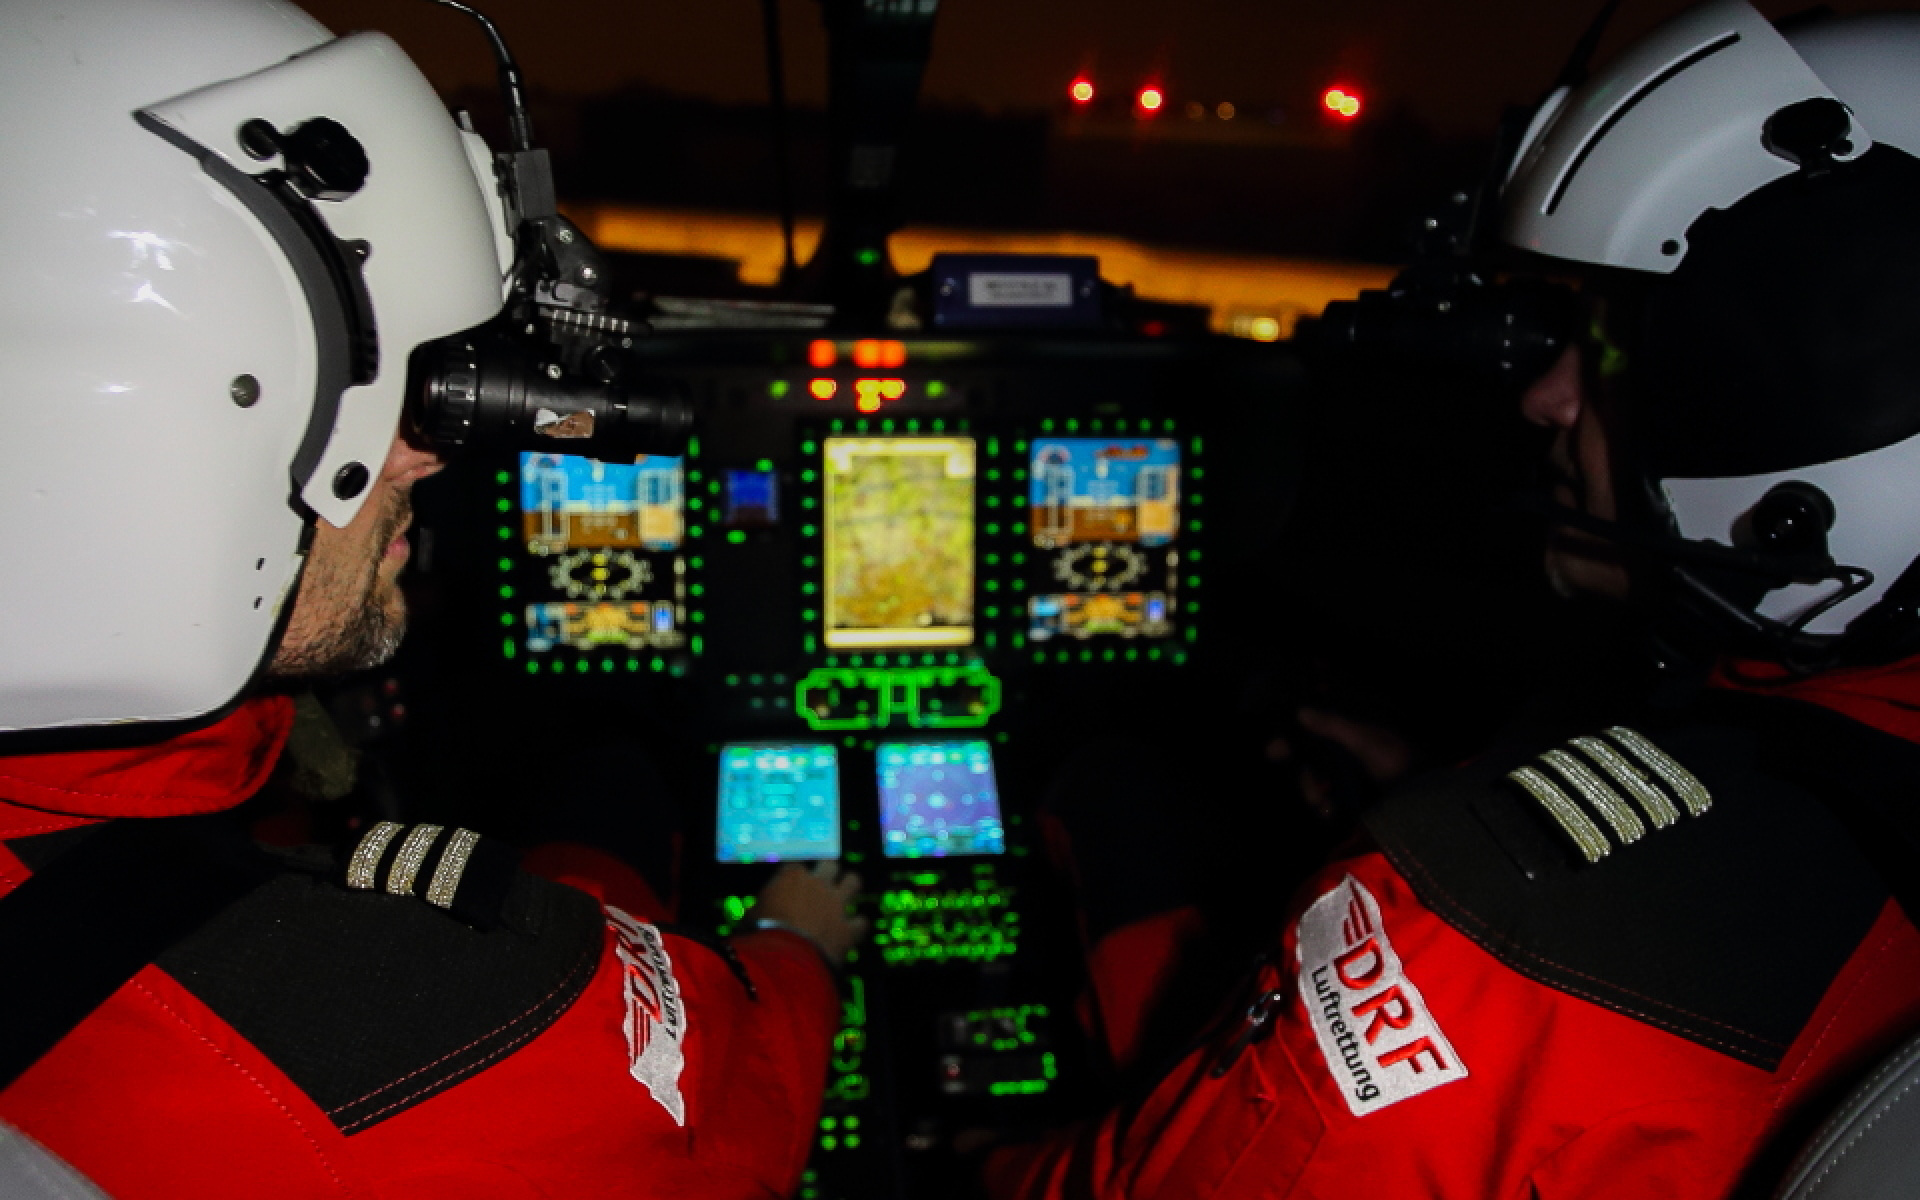 Blick ins Cockpit während eines Einsatzes bei Nacht. Symbolbild